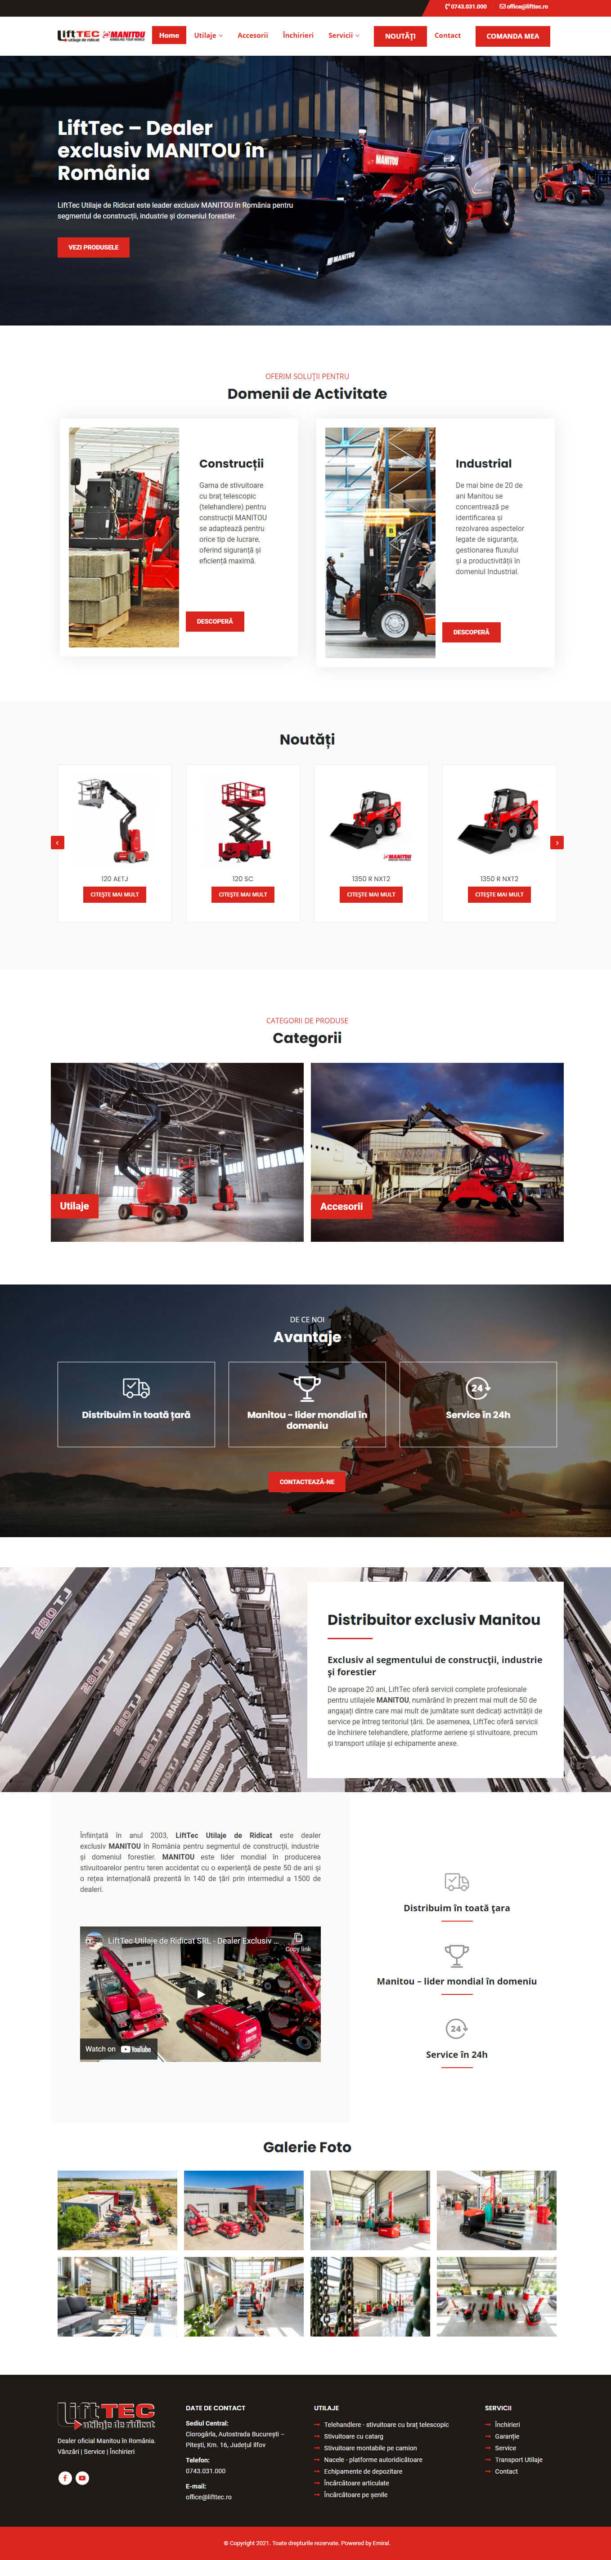 Website Lifttec